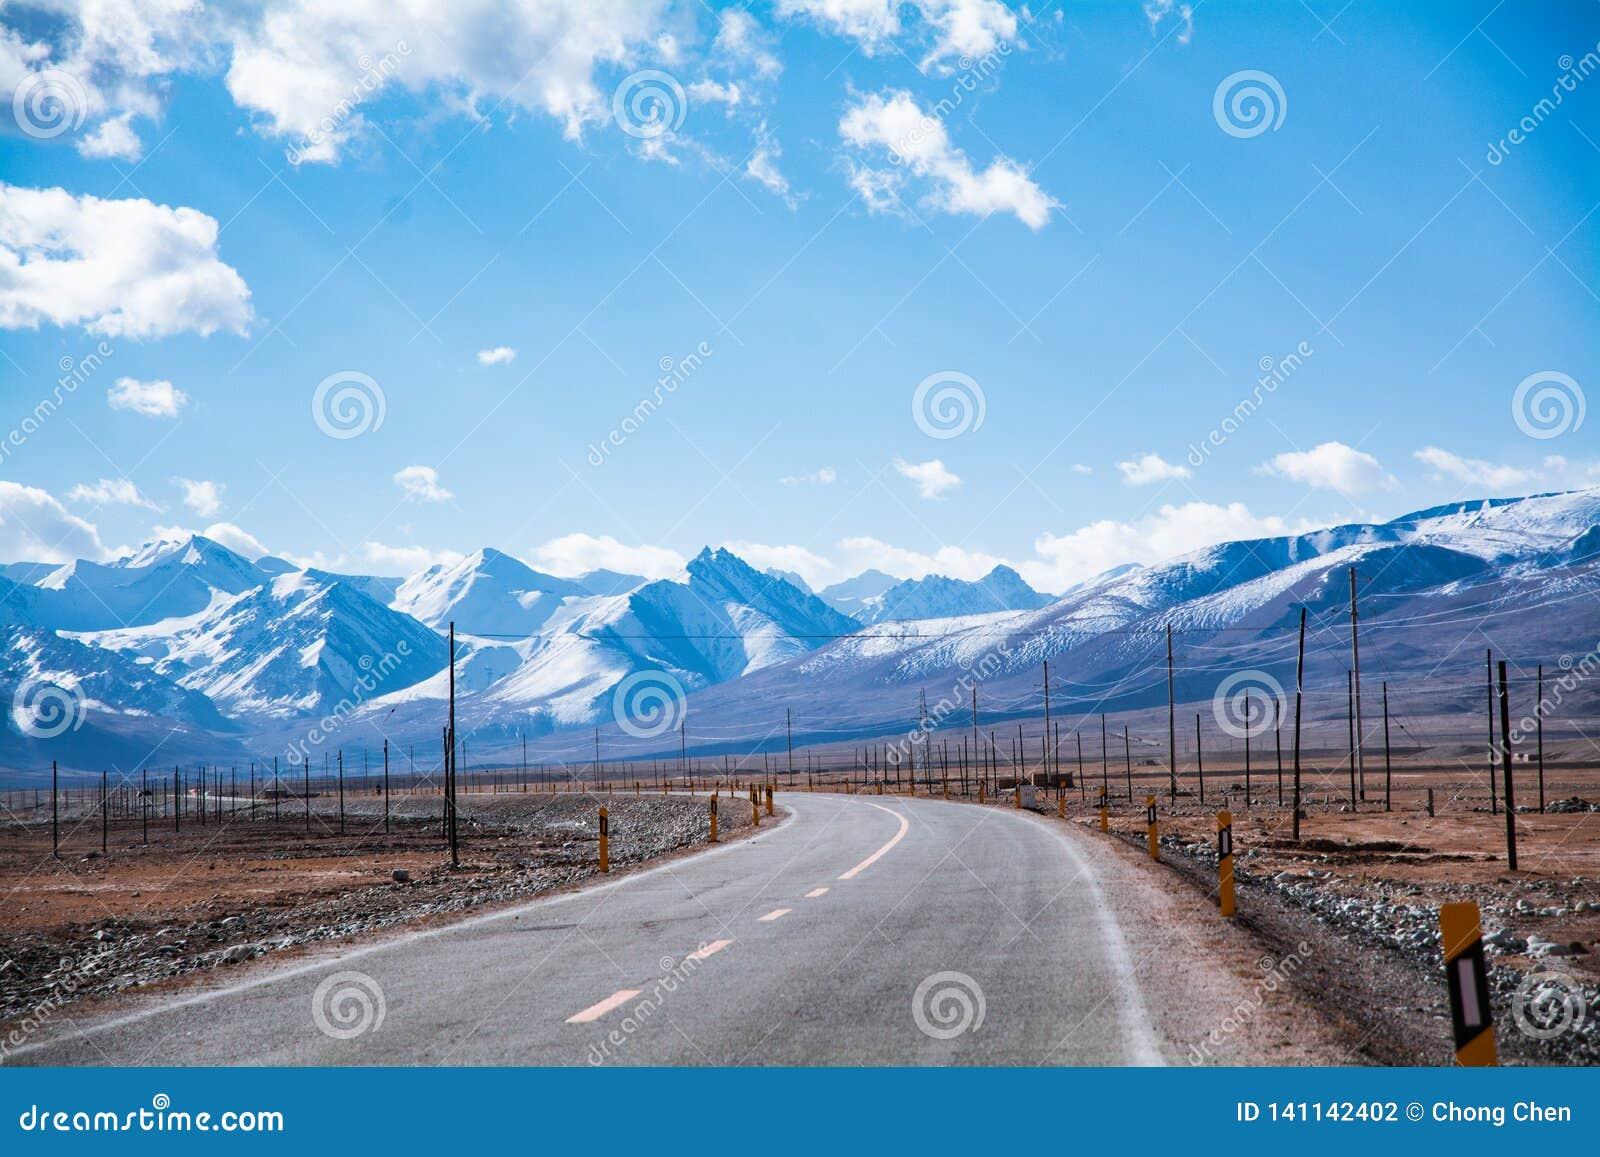 Estrada pela montanha da neve na região da alta altitude